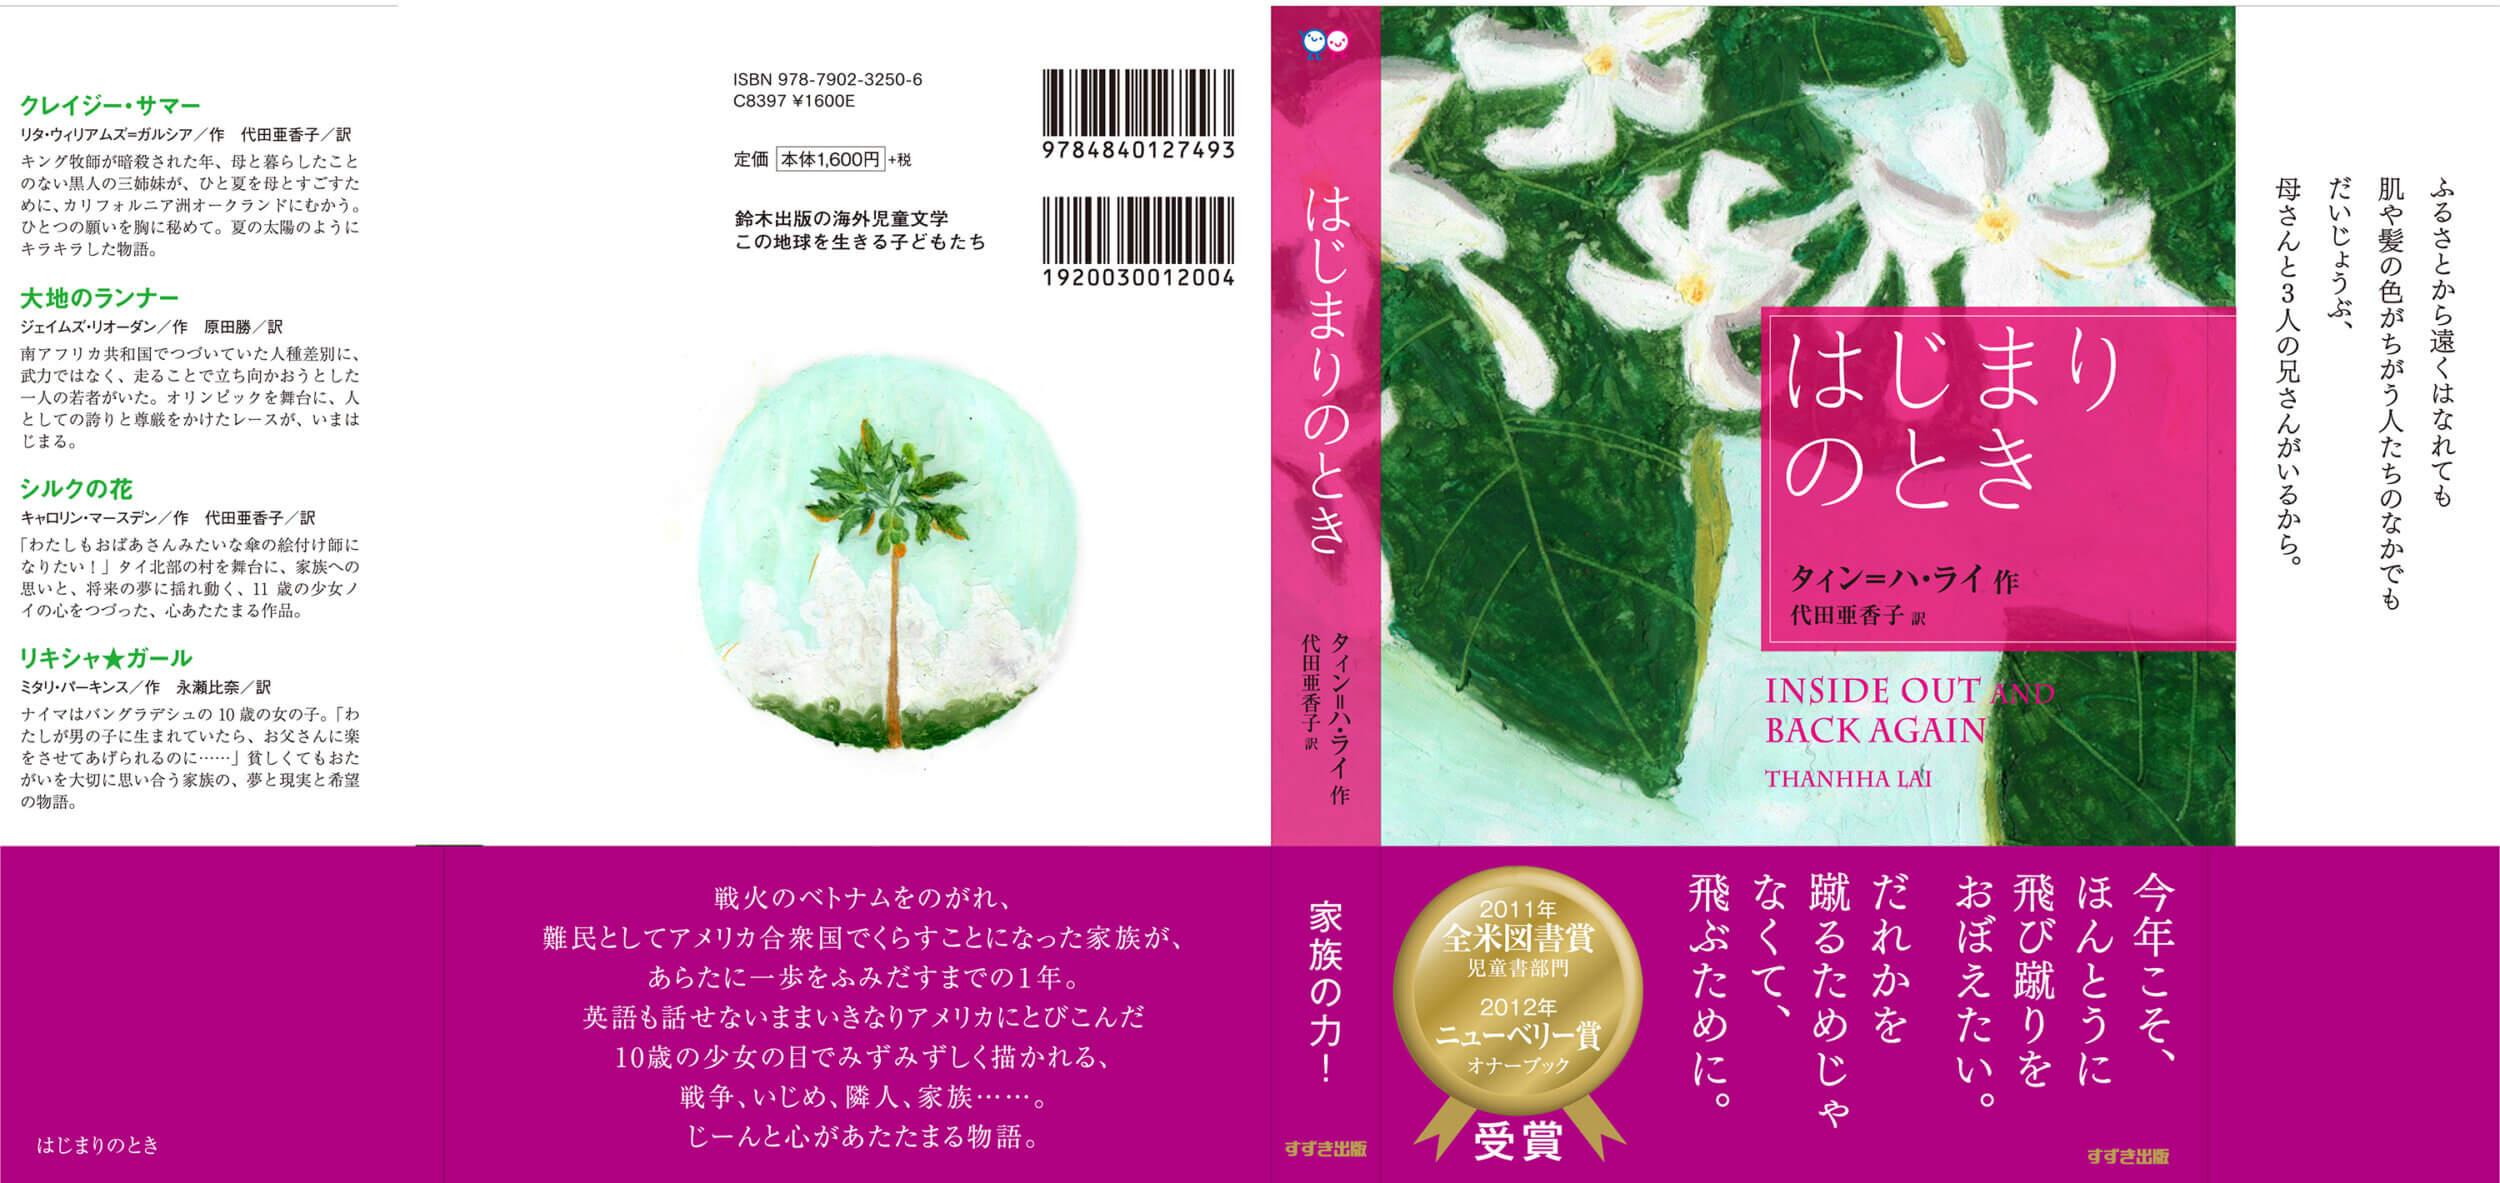 「はじまりのとき」装丁画カバー 鈴木出版